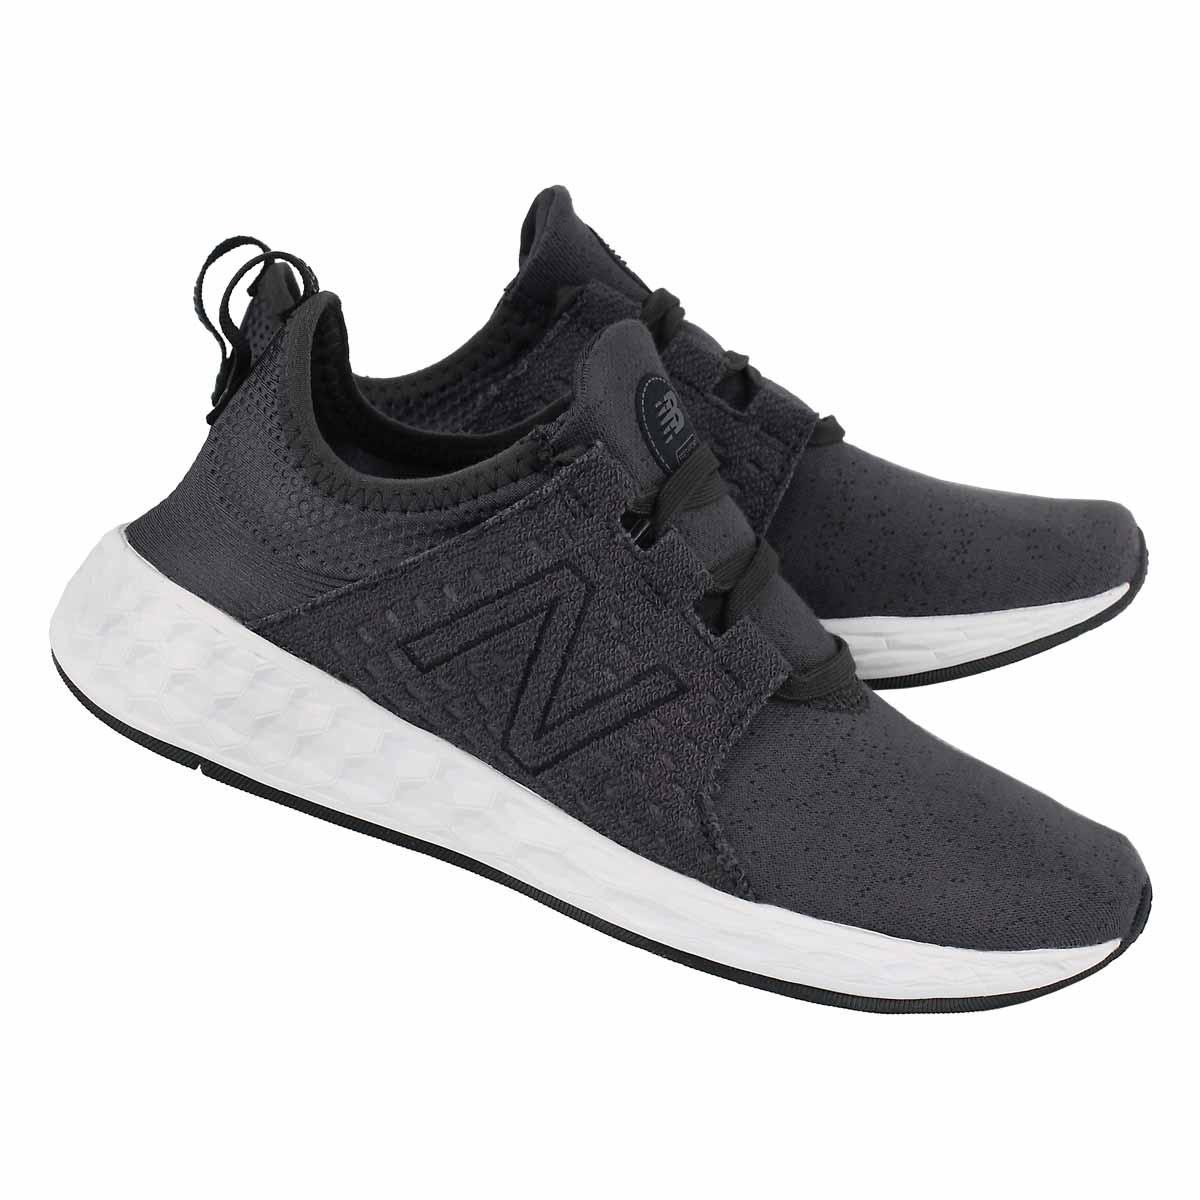 Lds Cruz black/phantom slip-on sneaker